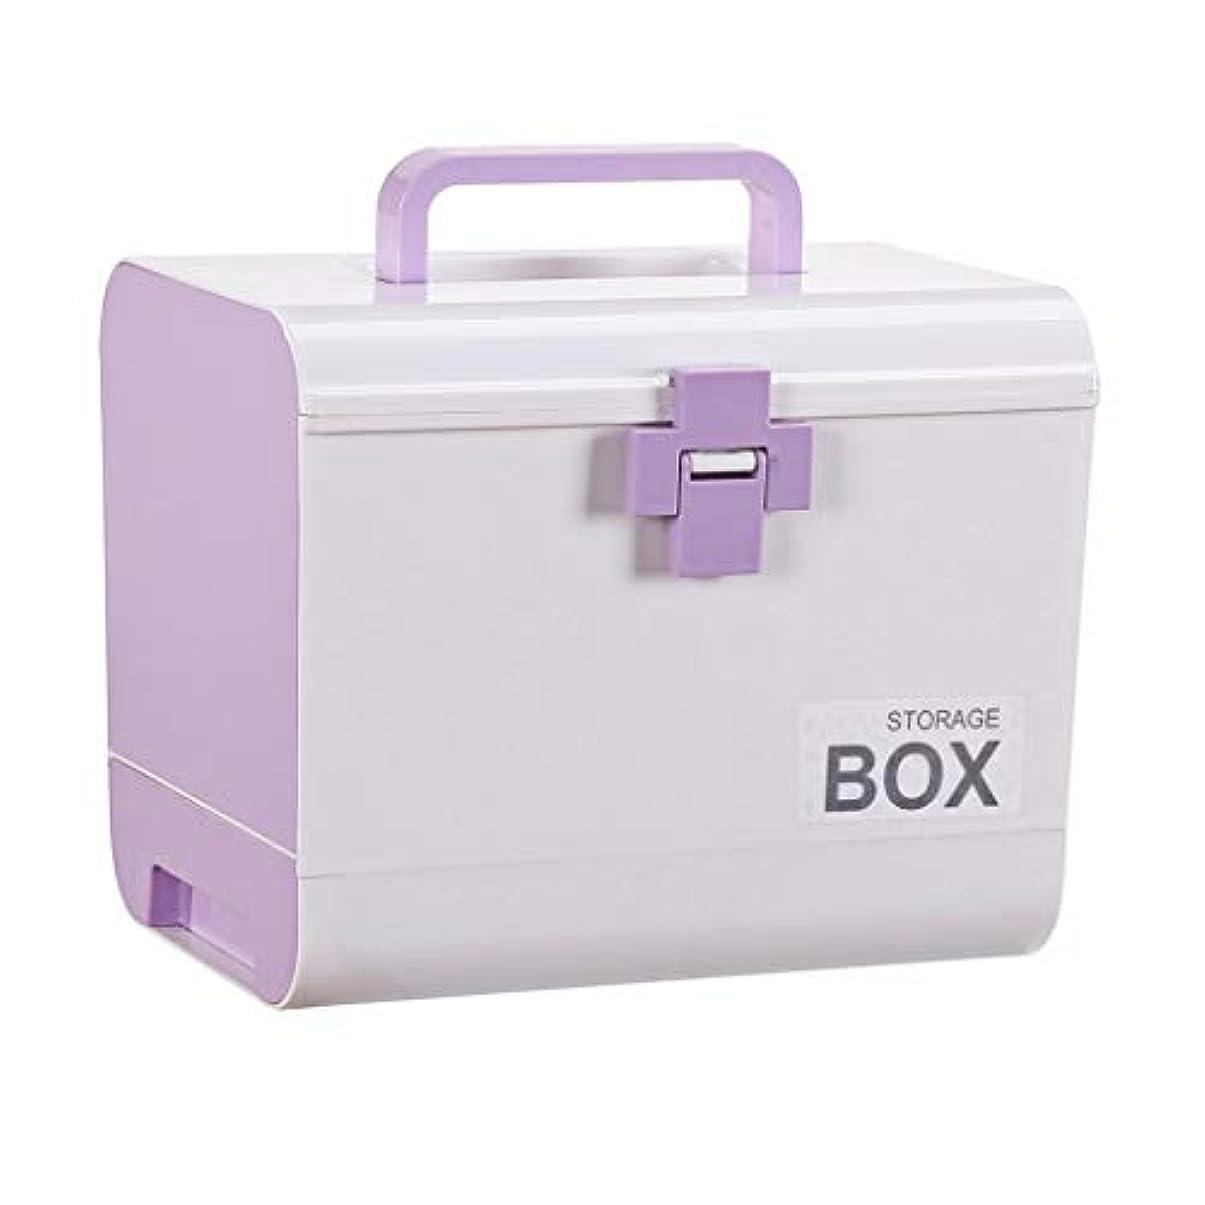 応急処置ケースファミリー大型子供応急処置キット薬収納ボックス26.5 * 18.5 * 22 Cm ZHAOSHUNLI (Color : Purple)